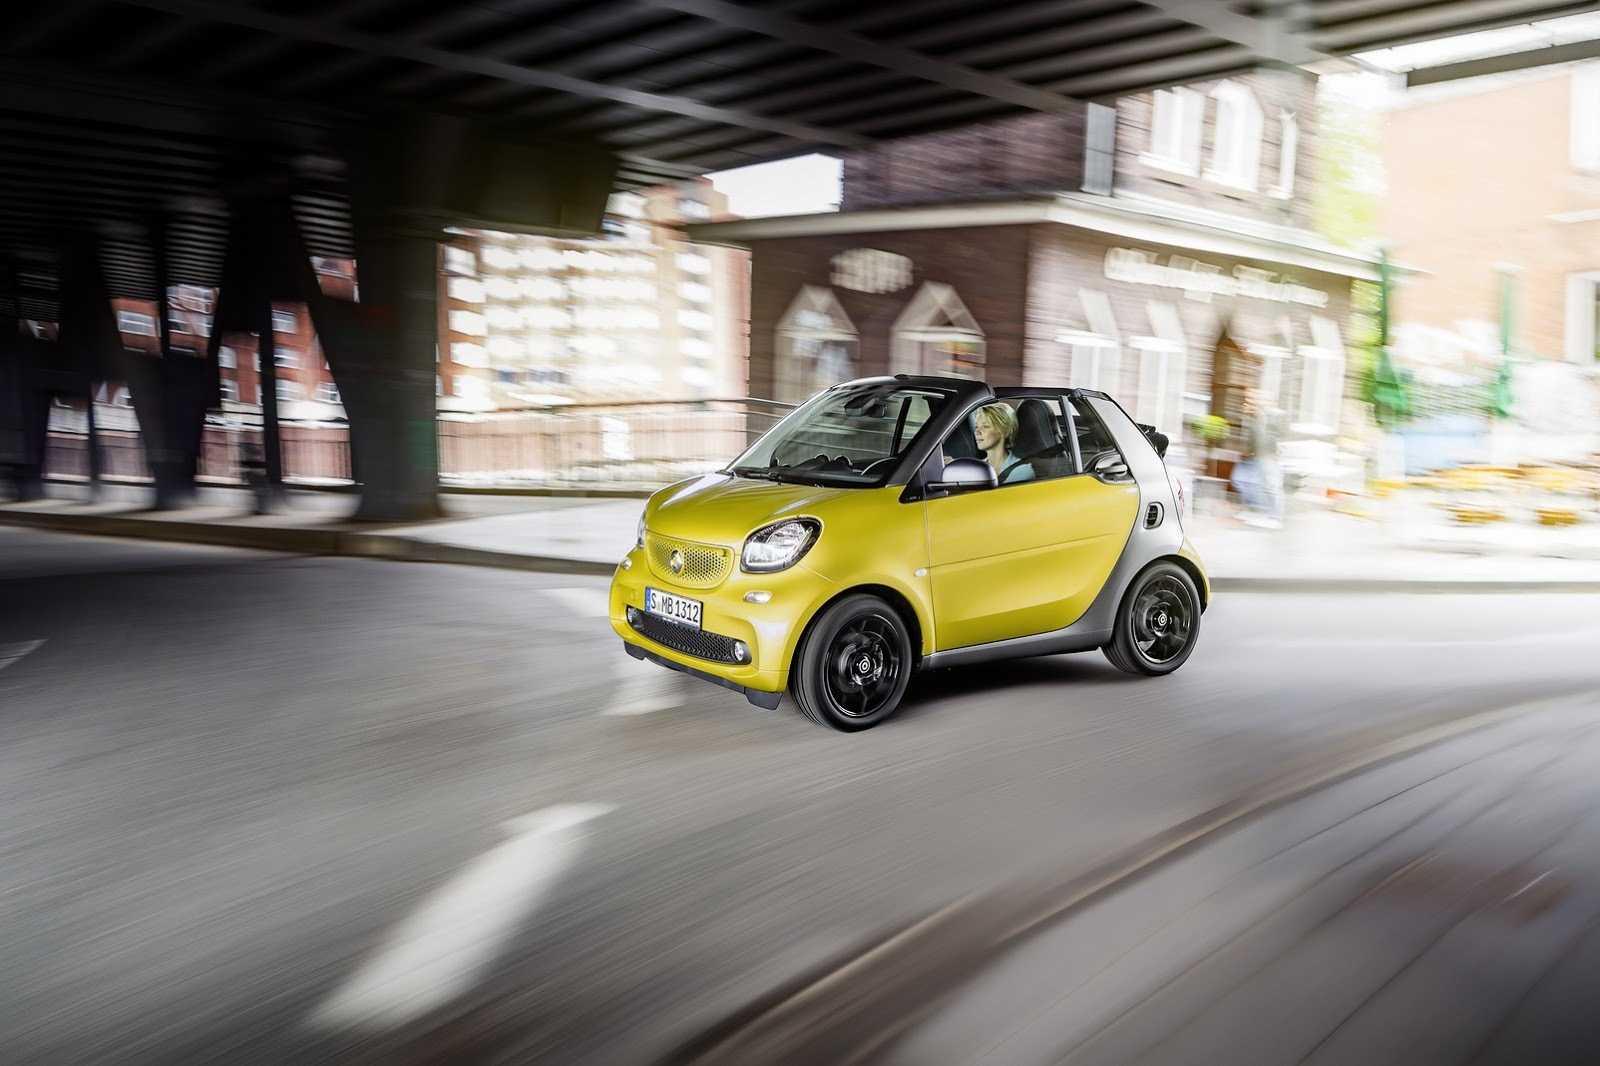 Smart привезет во франкфурт новый кабриолет fortwo - «автоновости» » авто - новости